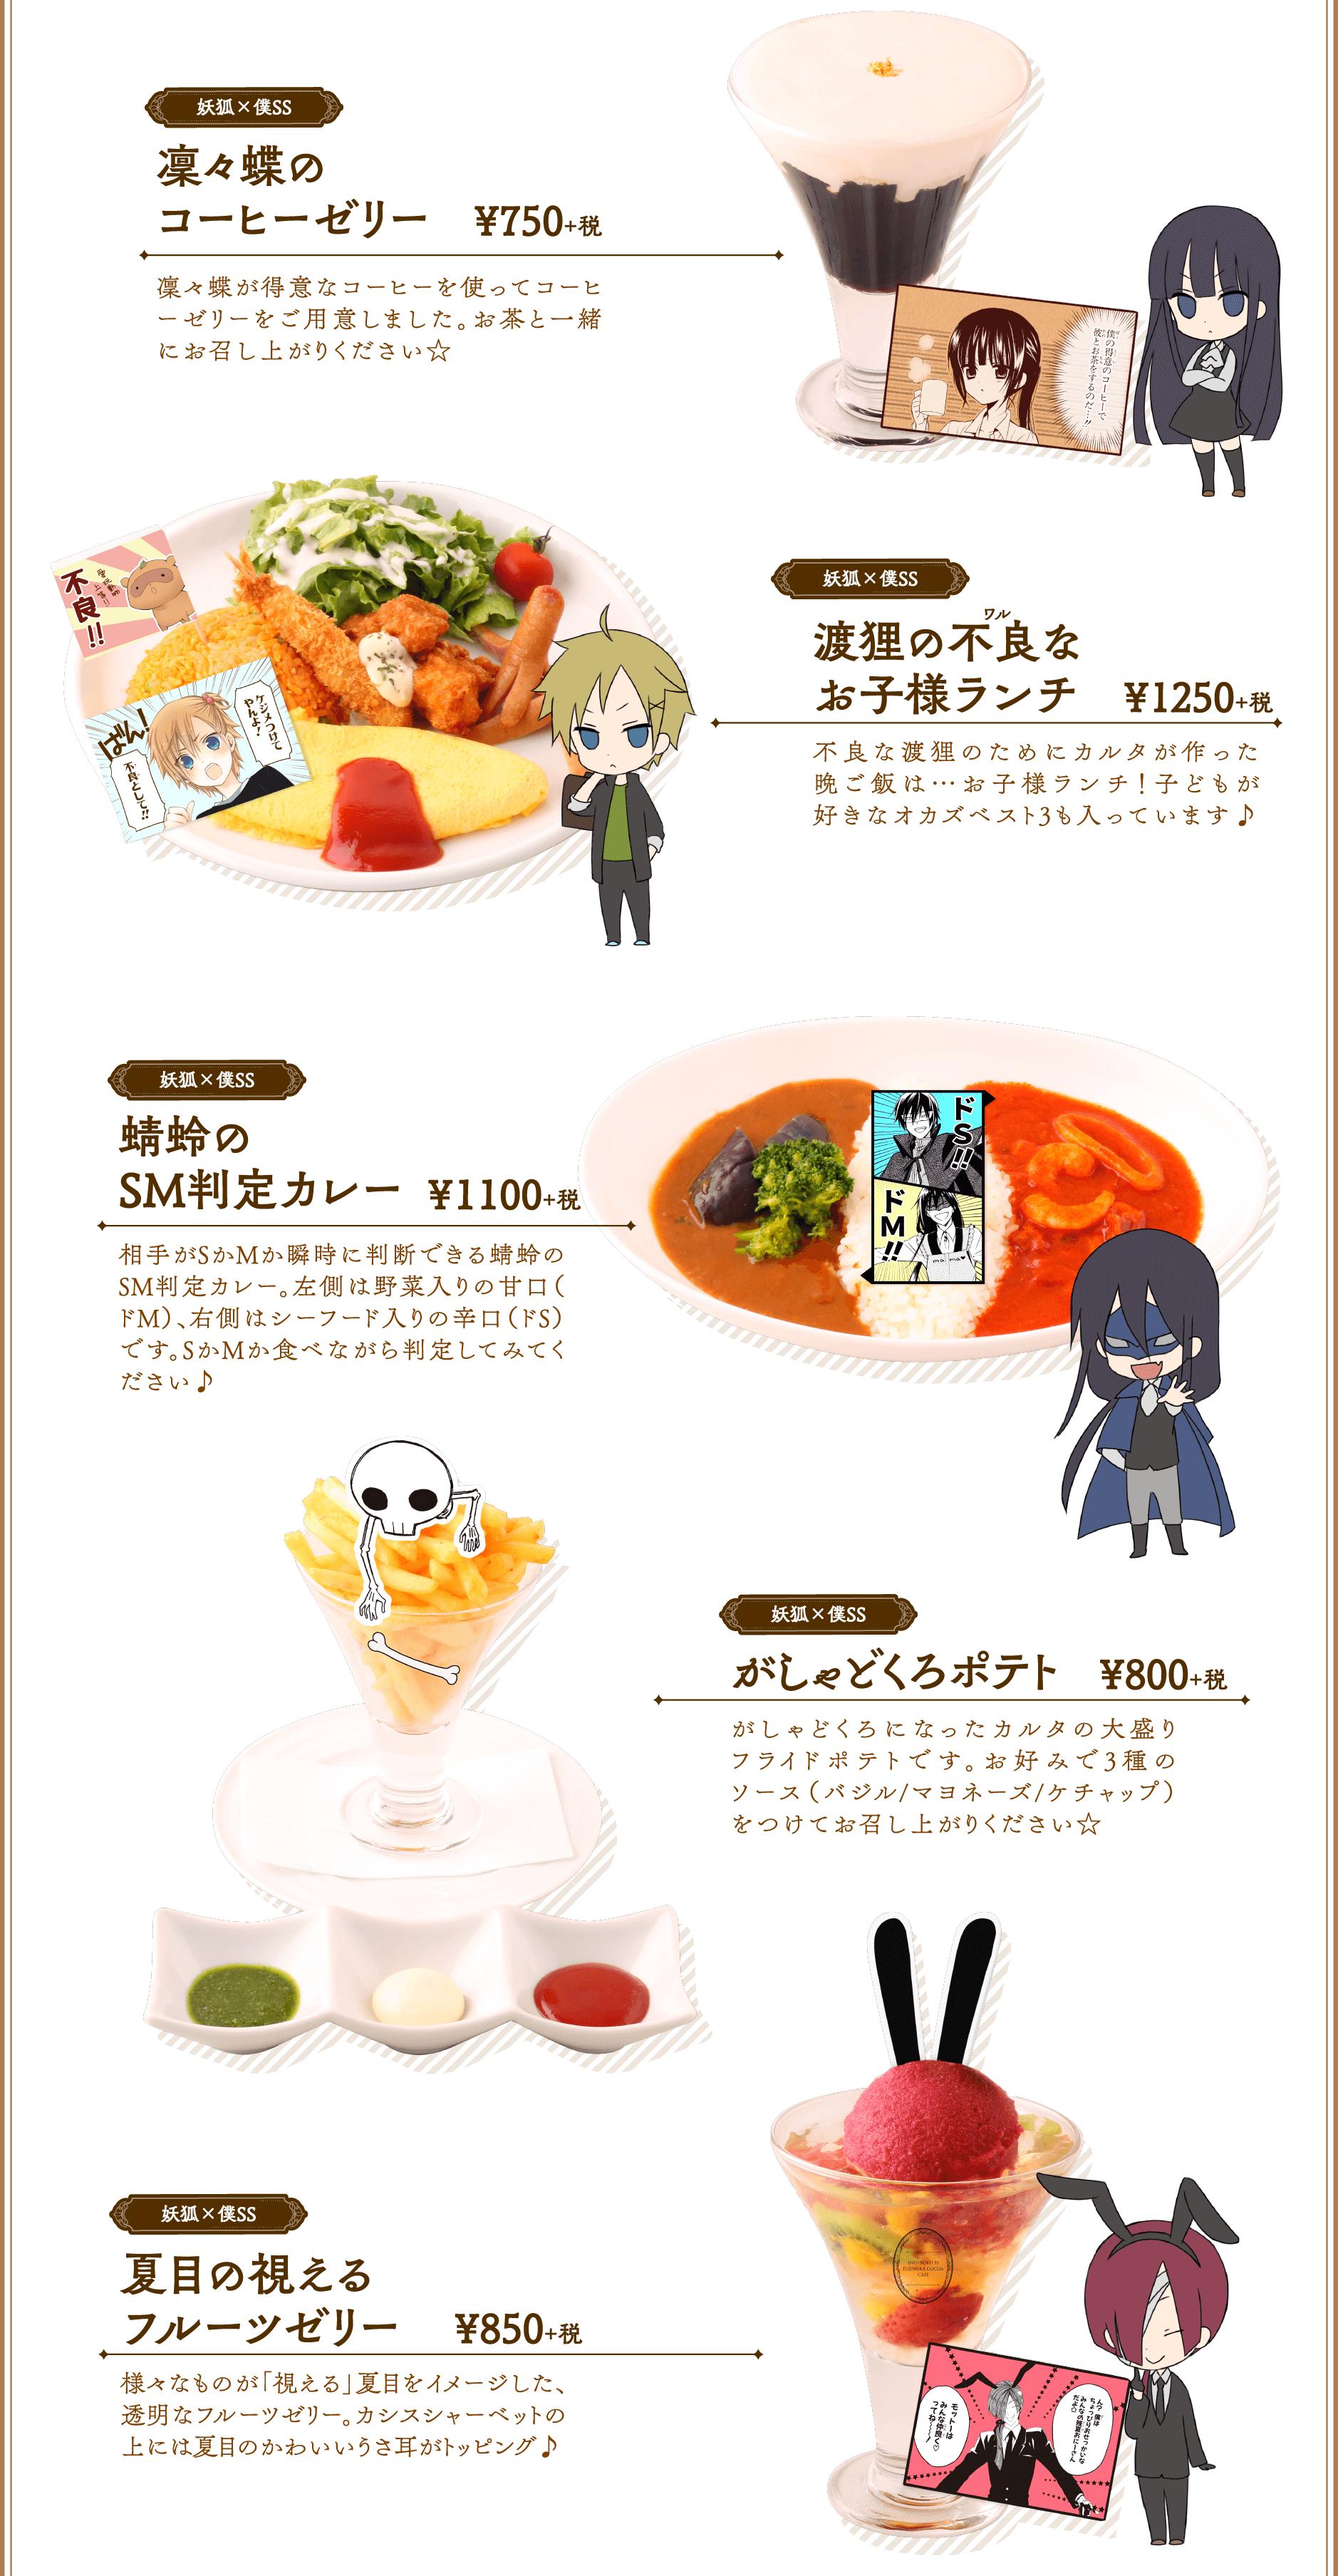 menu-1-2-20190927.png